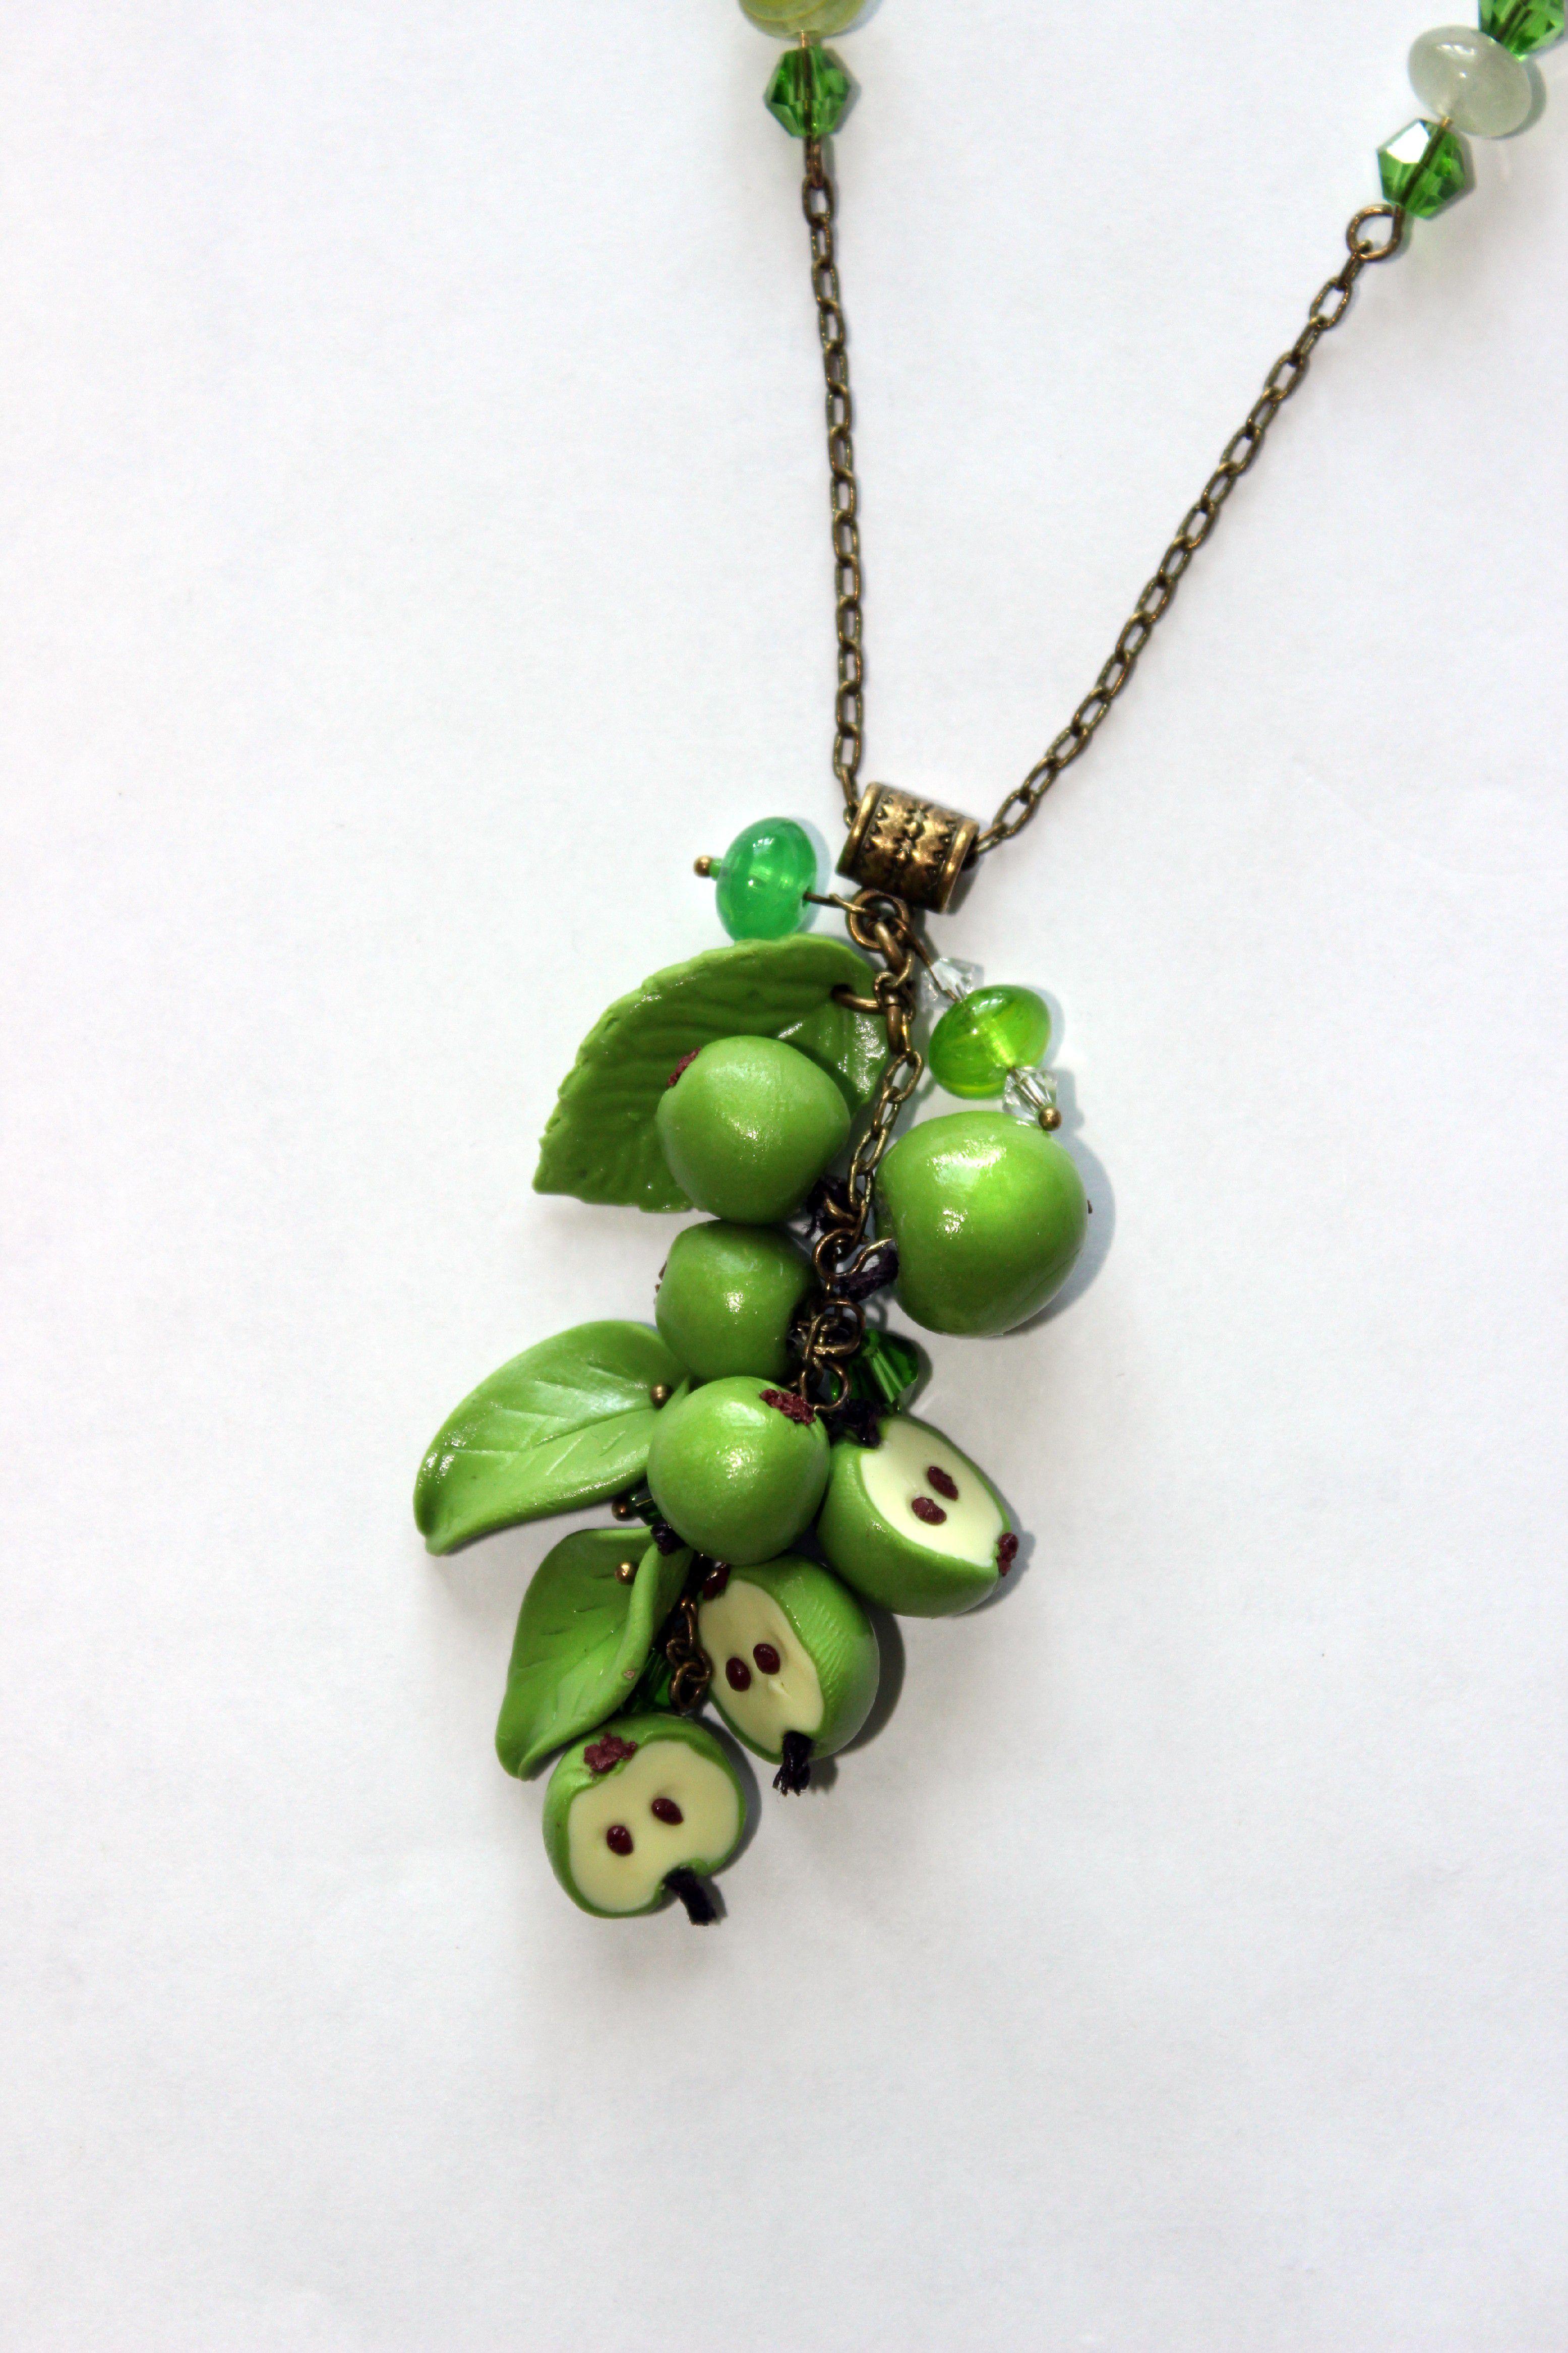 полимерная глина зеленый кулон яблоки ручная бусины лето украшения подвеска фрукты работа бижутерия